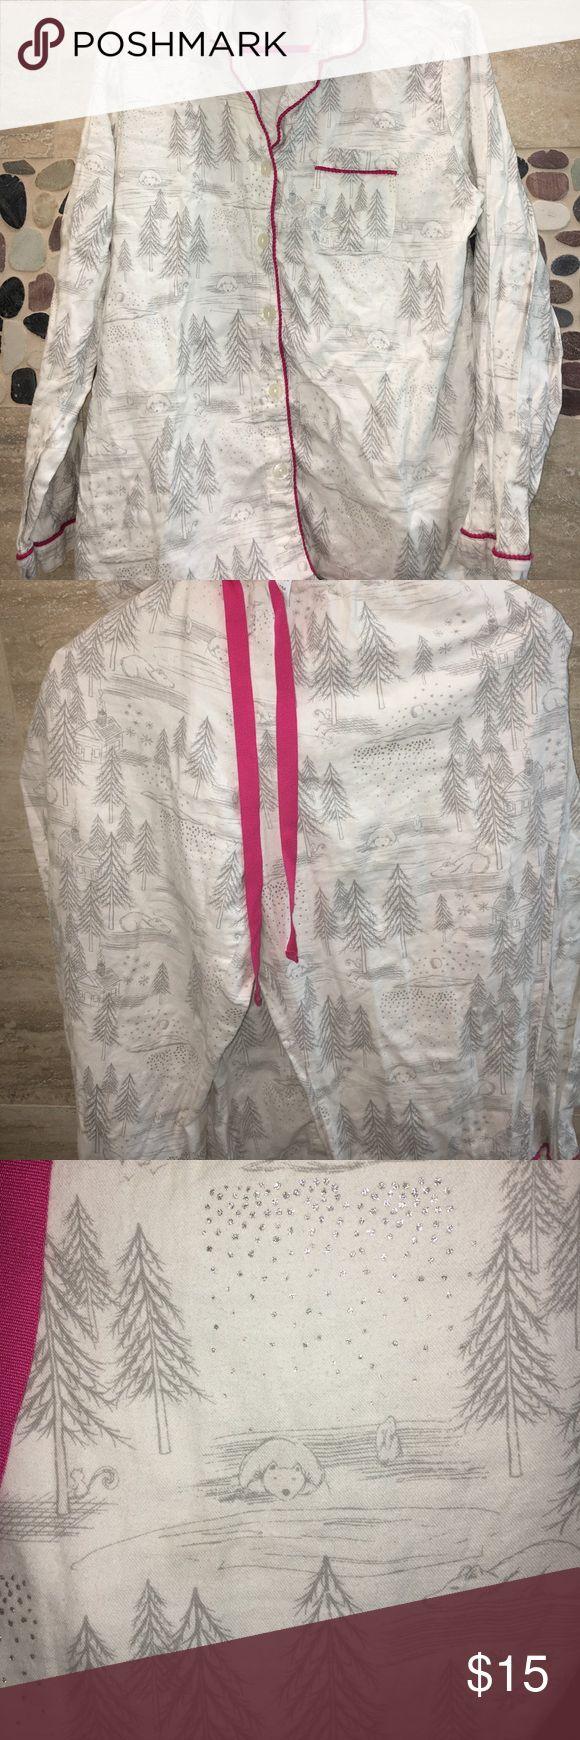 Gillian & O'Malley sleepwear set 100% cotton 🌸 in great condition Gilligan & O'Malley Intimates & Sleepwear Pajamas